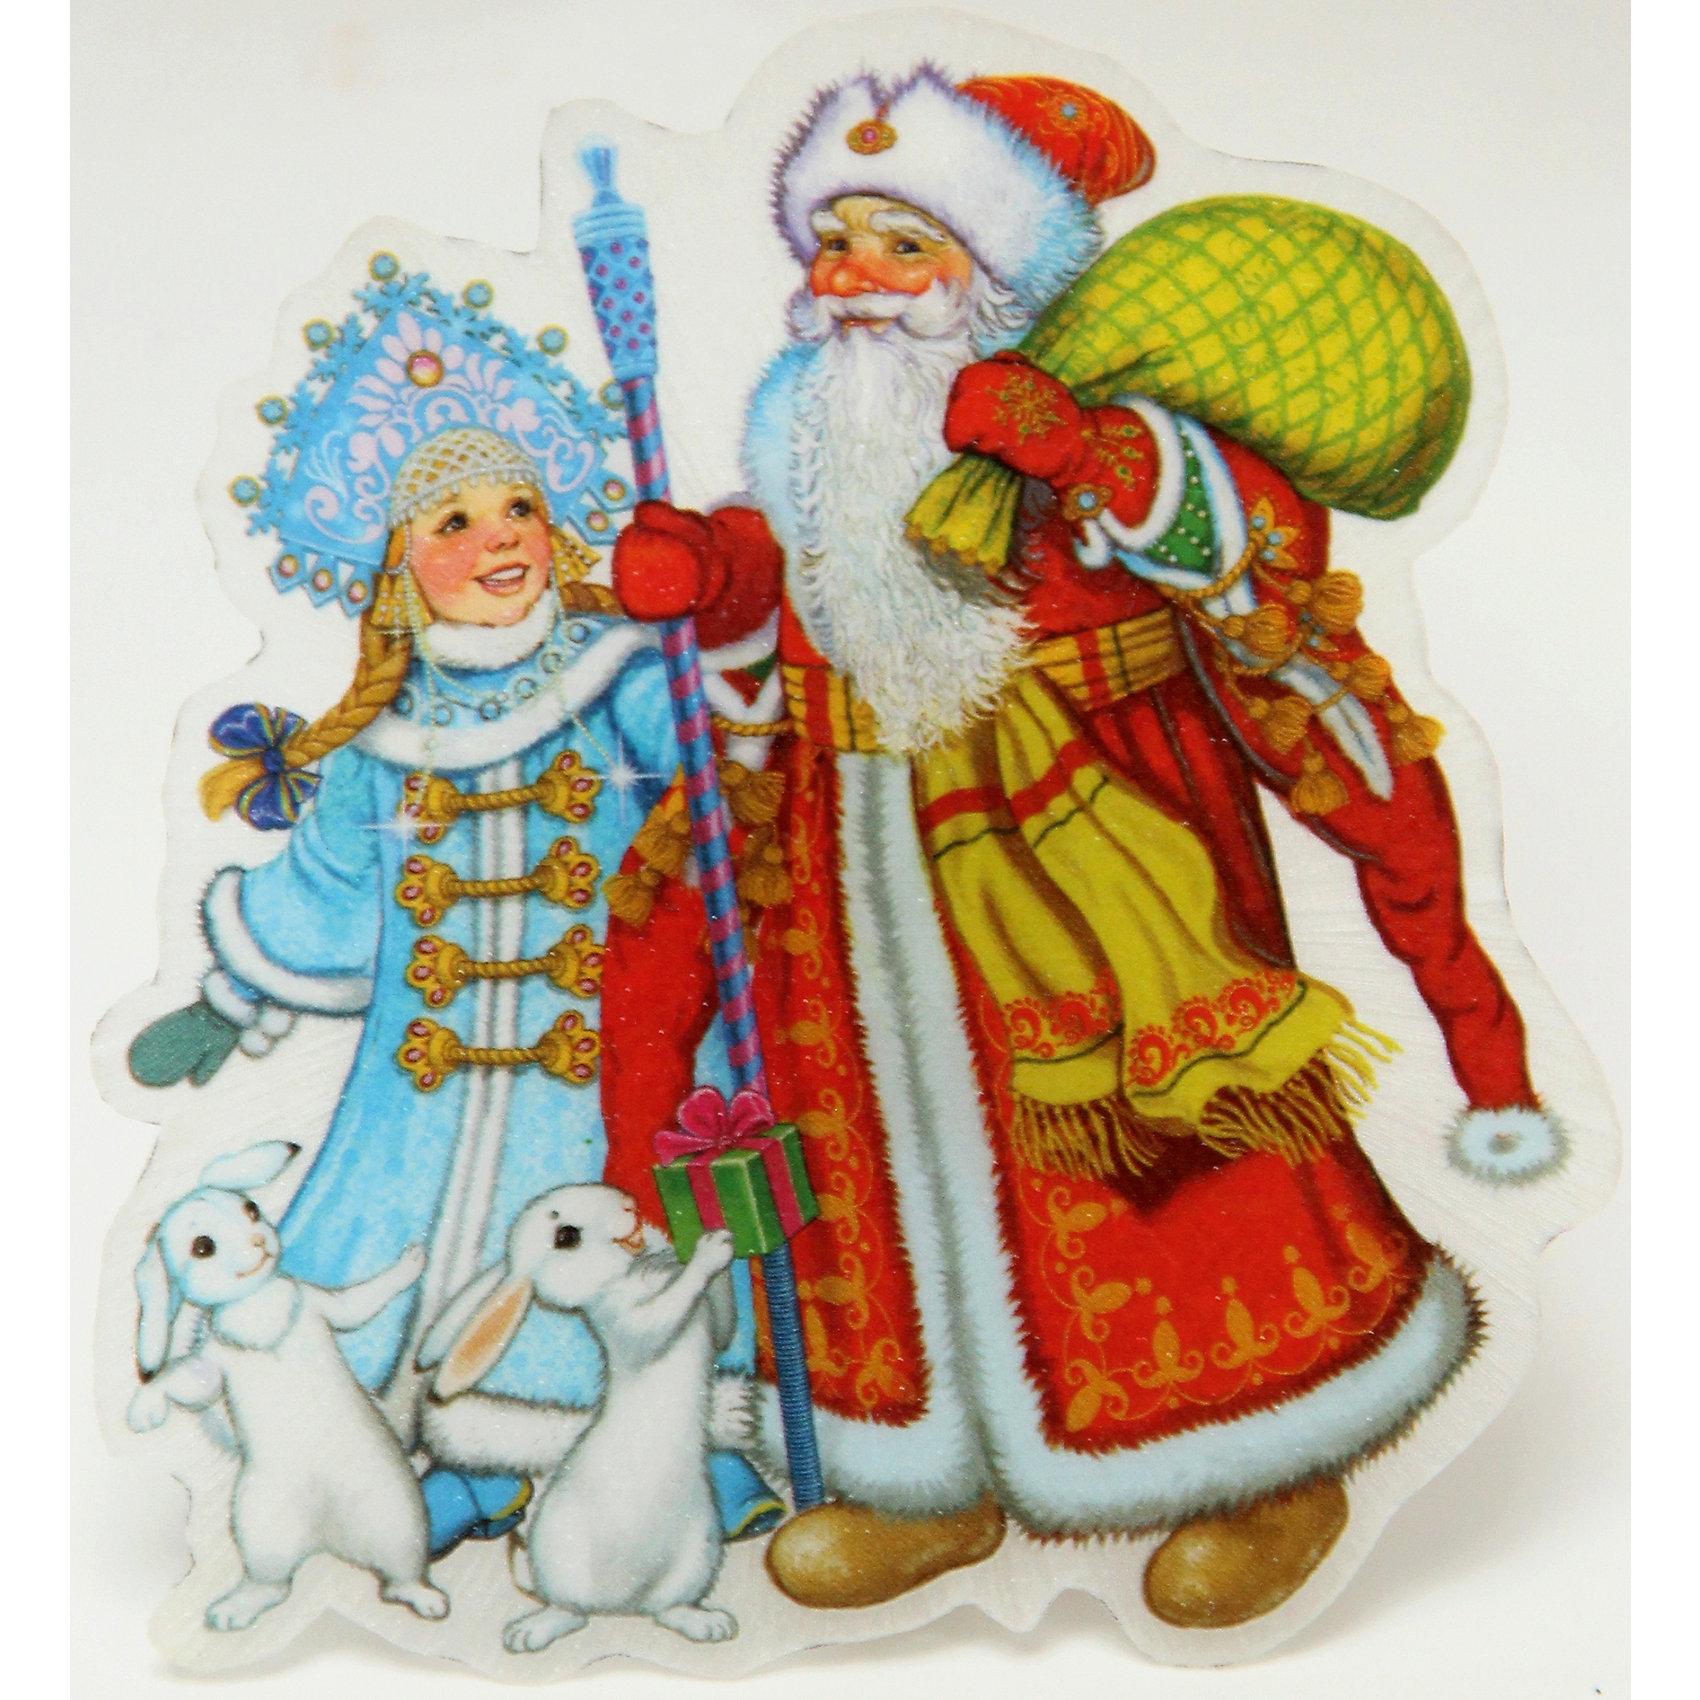 Украшение Дед Мороз, Снегурочка и зайчики со светодиодной подсветкойВсё для праздника<br>Приближение Нового года не может не радовать! Особое время - сам праздник и предновогодние хлопоты - ждут не только дети, но и взрослые! Праздничное настроение создает в первую очередь украшенный дом и наряженная ёлка. <br>Эта фигурка идет в комплекте с элементом питания, который помогает создавать для неё праздничную подсветку. Изделие произведено из безопасного для детей, прочного, но легкого, материала. Создайте с ним праздничное настроение себе и близким!<br><br>Дополнительная информация:<br><br>цвет: разноцветный;<br>материал: ПВХ;<br>элемент питания: CR2032;<br>мощность 0,06 Вт, напряжение 3 В;<br>размер: 11 x 10 x 3 см.<br><br>Украшение Дед Мороз, Снегурочка и зайчики со светодиодной подсветкой можно купить в нашем магазине.<br><br>Ширина мм: 100<br>Глубина мм: 100<br>Высота мм: 60<br>Вес г: 28<br>Возраст от месяцев: 36<br>Возраст до месяцев: 2147483647<br>Пол: Унисекс<br>Возраст: Детский<br>SKU: 4981629